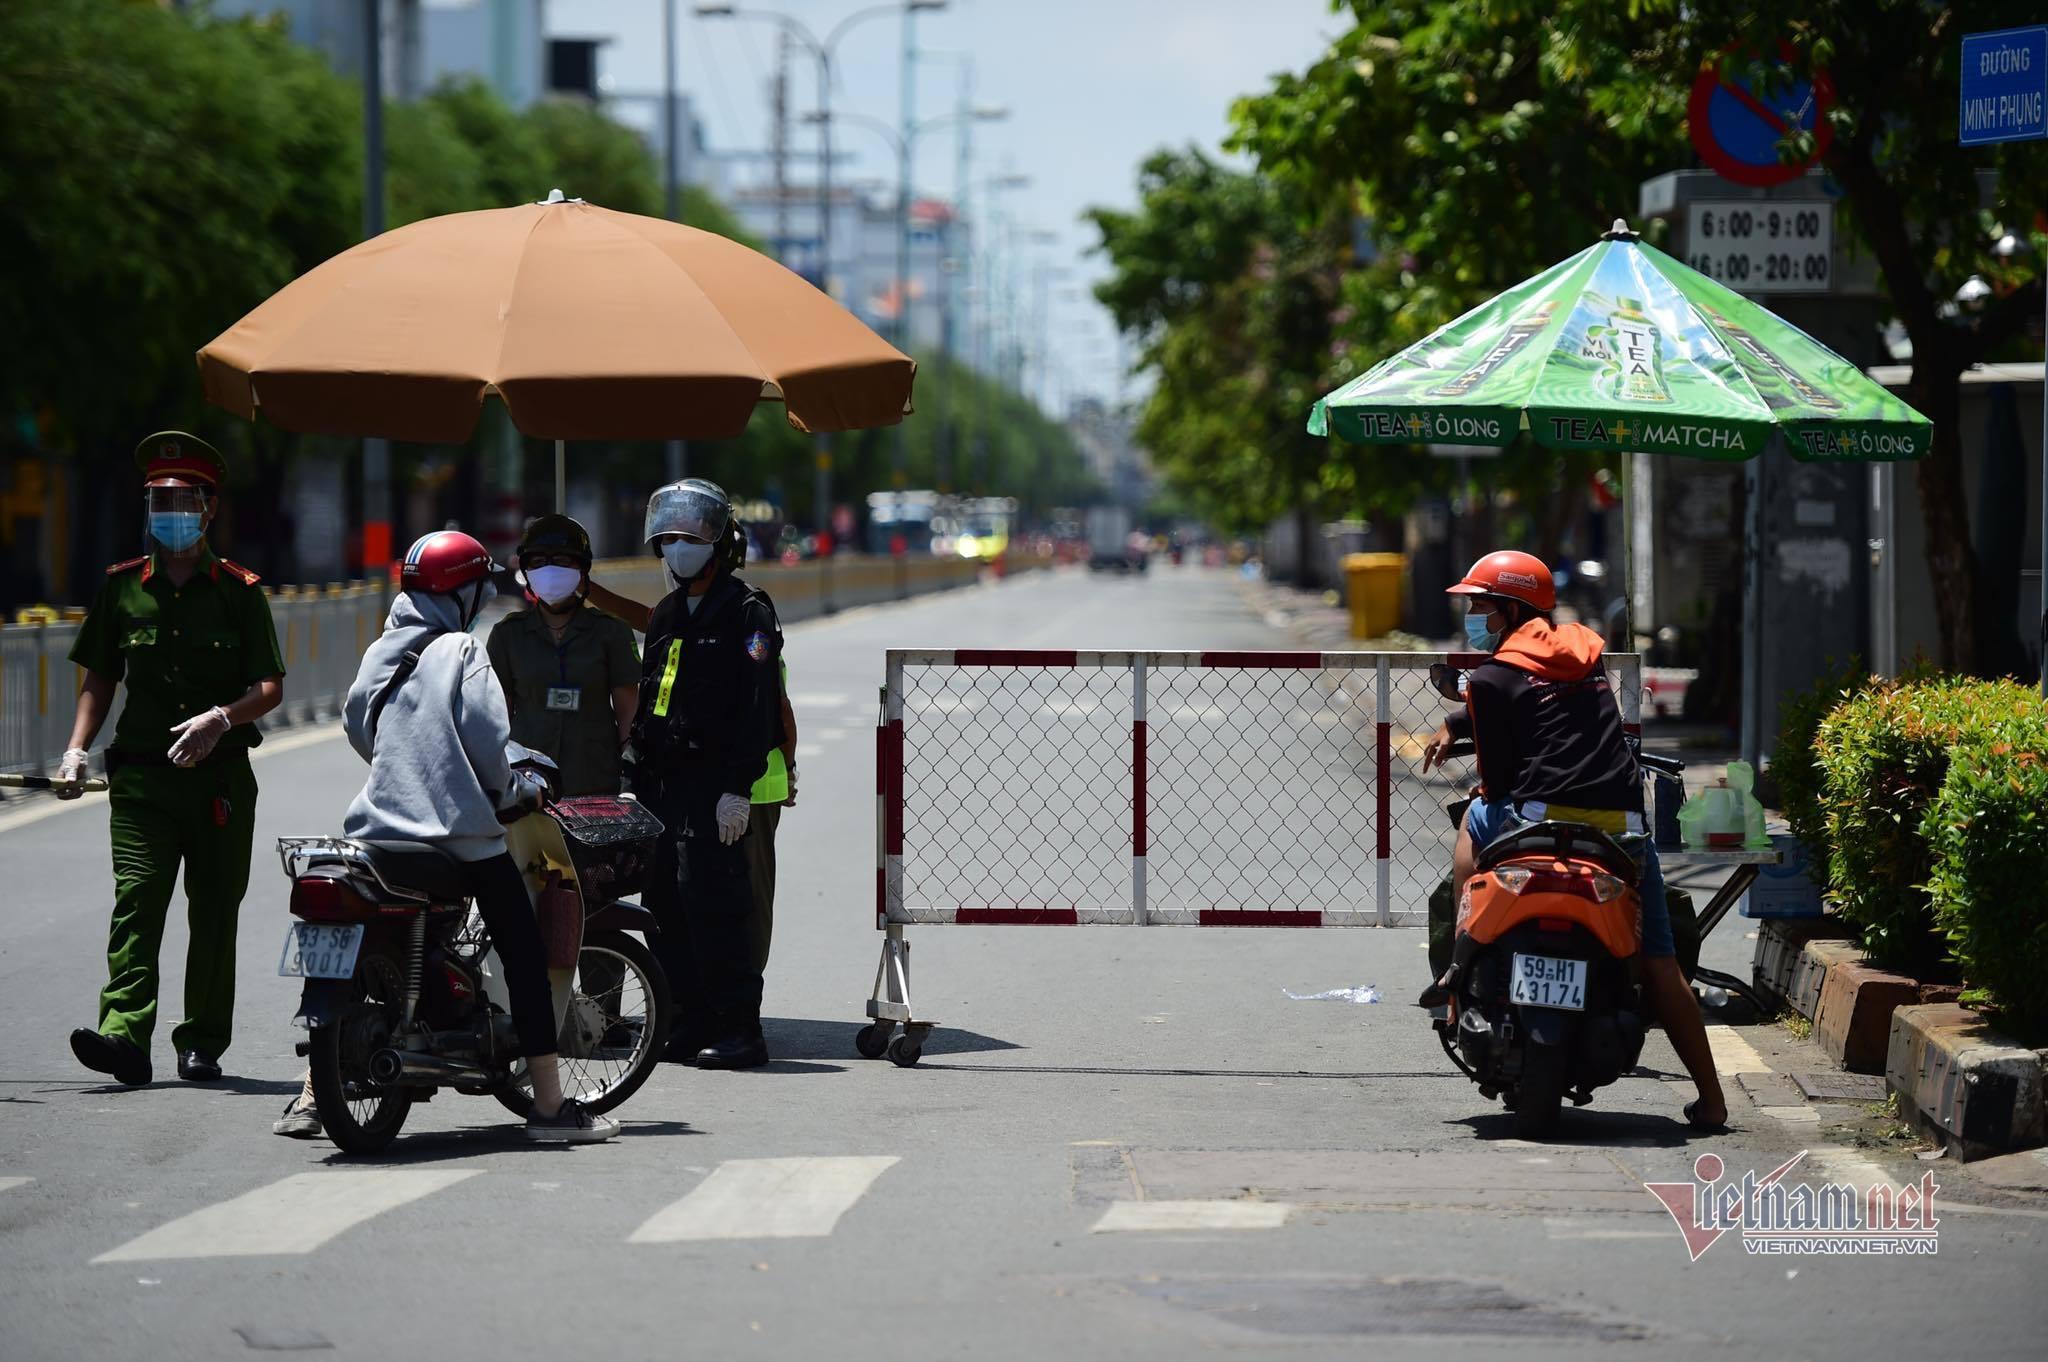 TP.HCM lập chốt khắp ngả đường, kiểm soát chặt người ra khỏi nhà